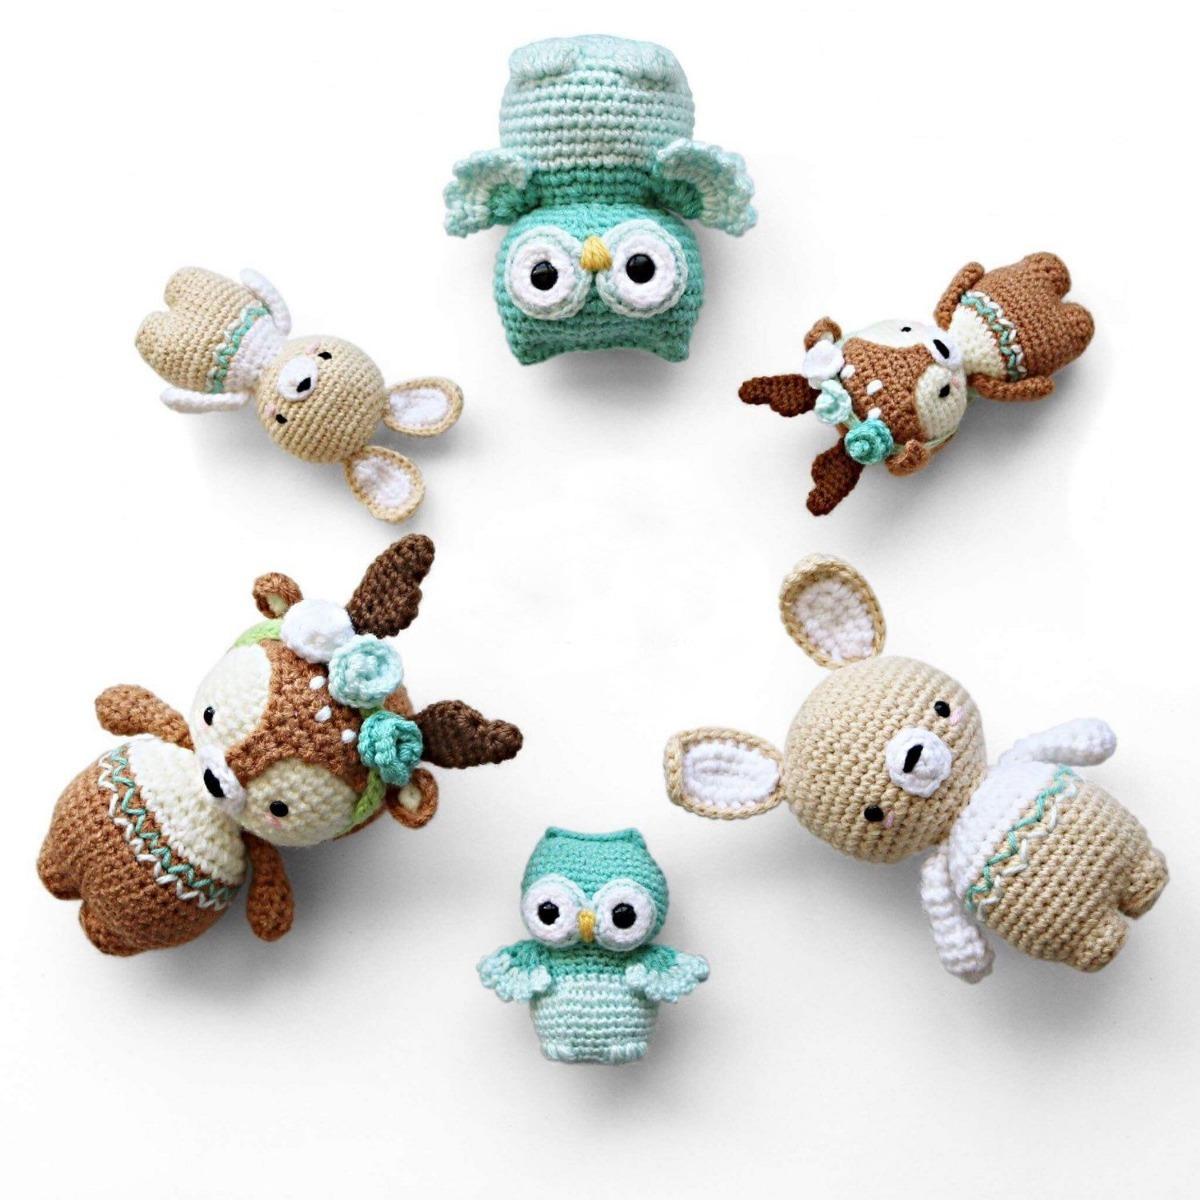 10 Patrones Crochet Amigurumi A Elección! Especial Navidad! - $ 150 ...